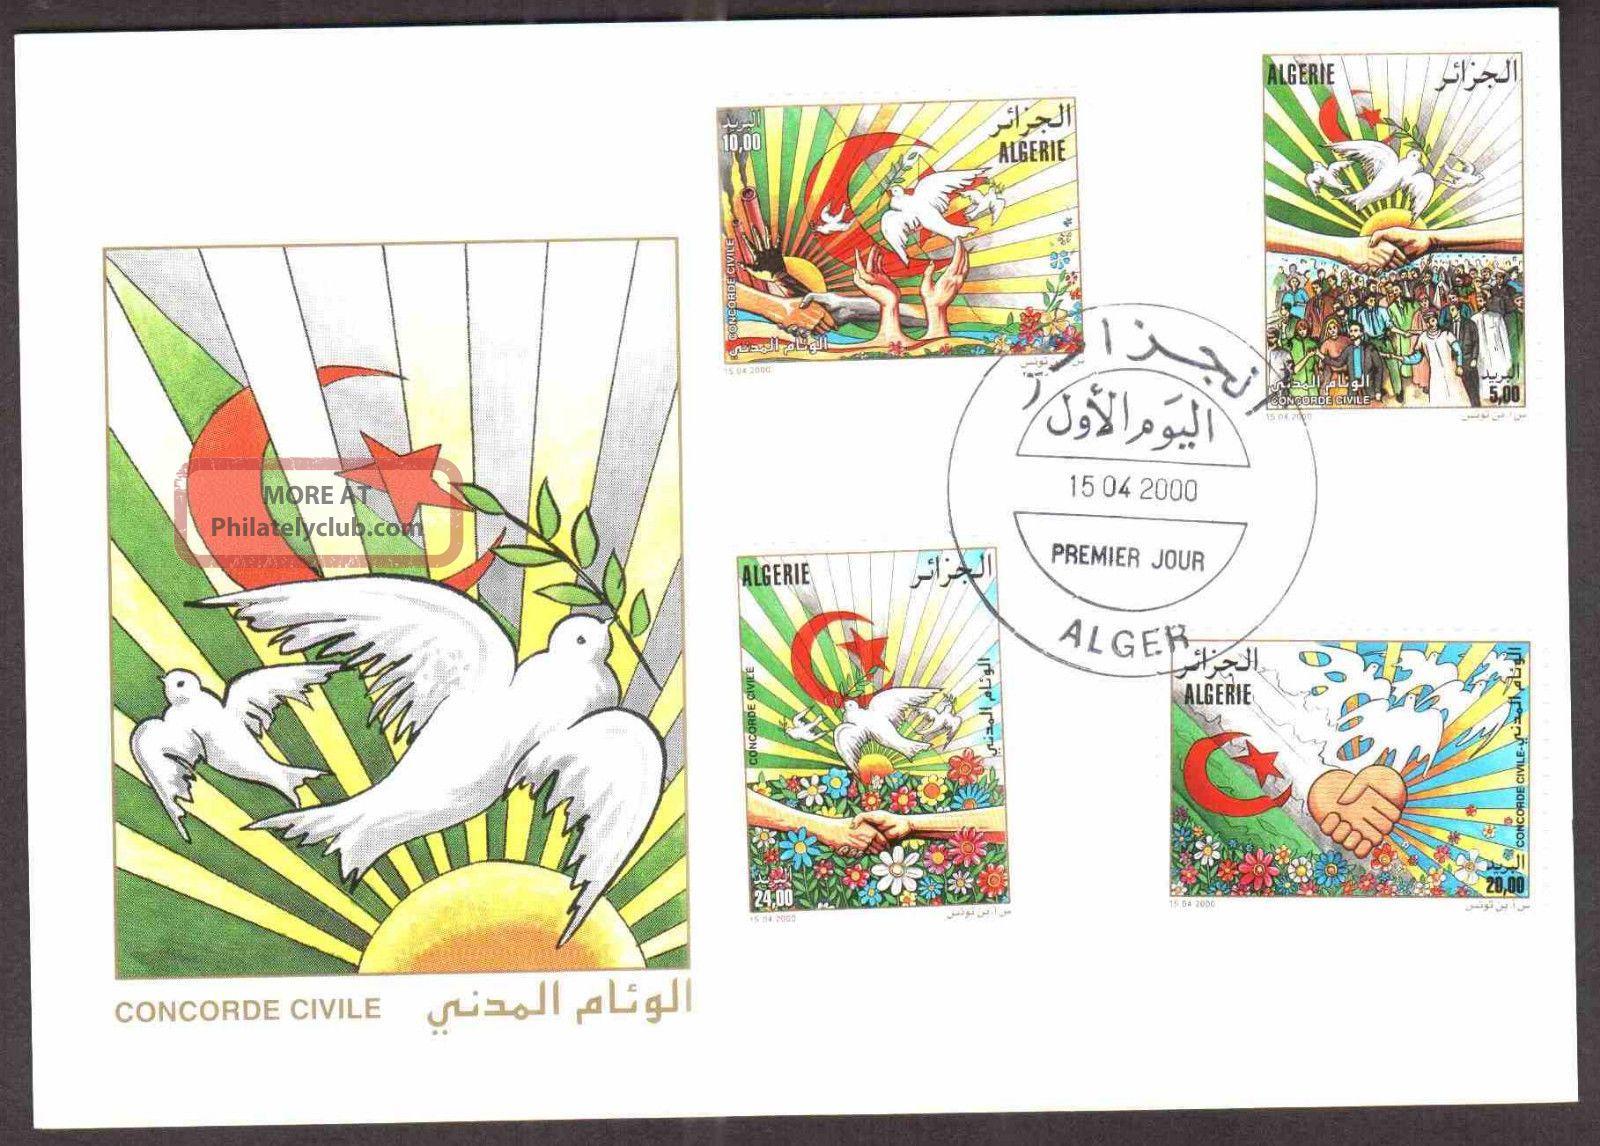 Algeria 2000 - Civil Concord